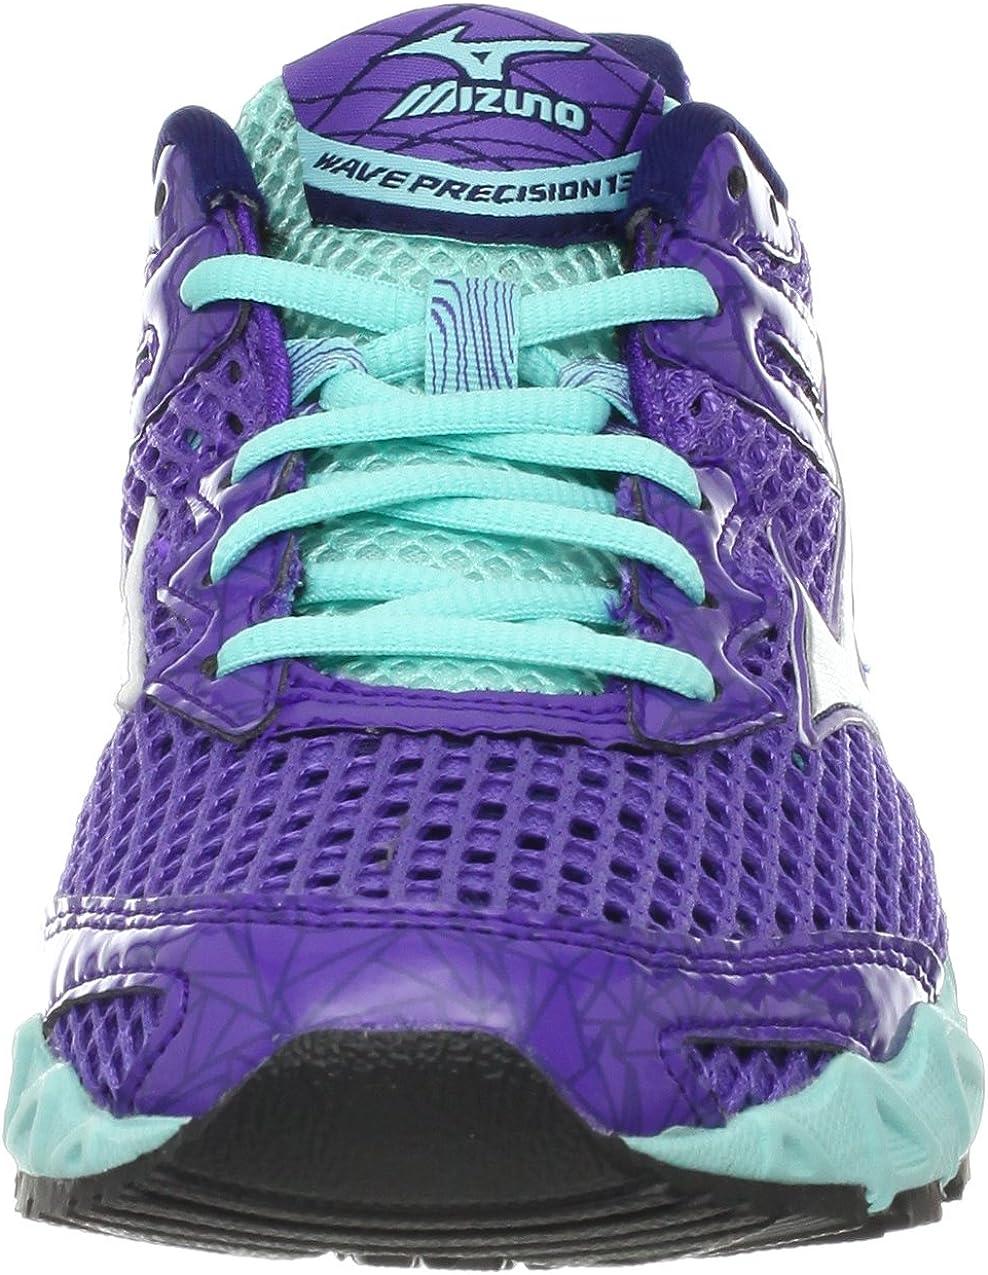 Mizunowave Precision 13-W - Precisión de Onda 13 Mujer, Púrpura (Ultraviolet/Silver/Aruba Blue), M: Amazon.es: Zapatos y complementos